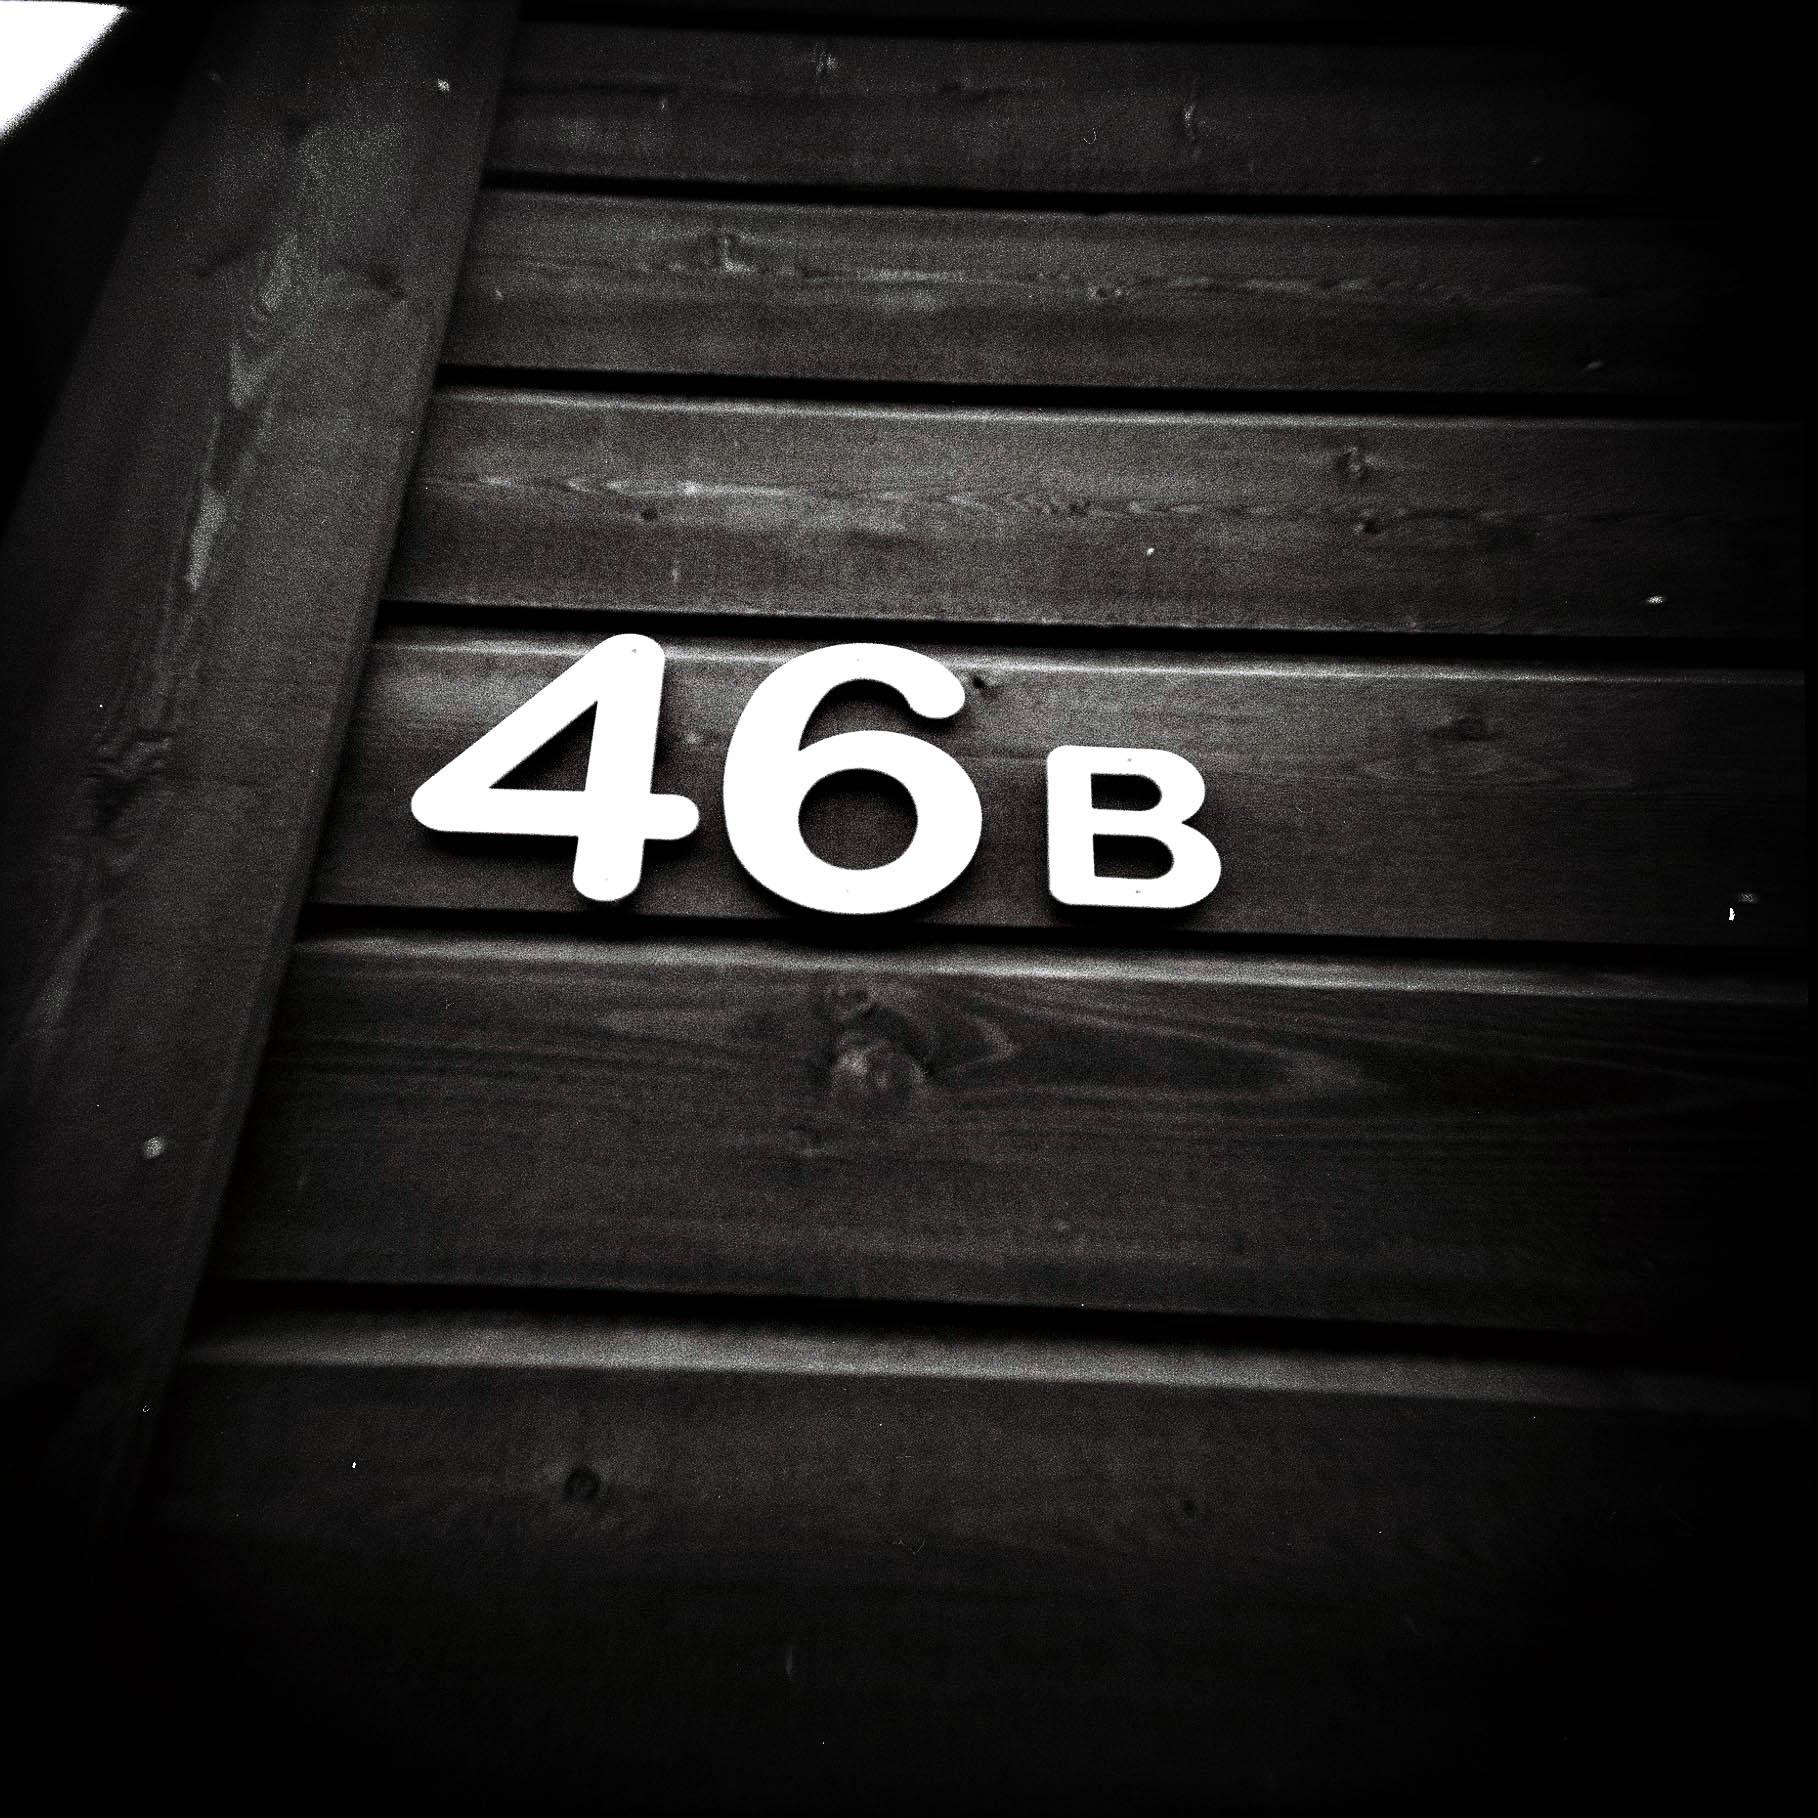 Og her bor jeg, i et brunt hus, i 46B.